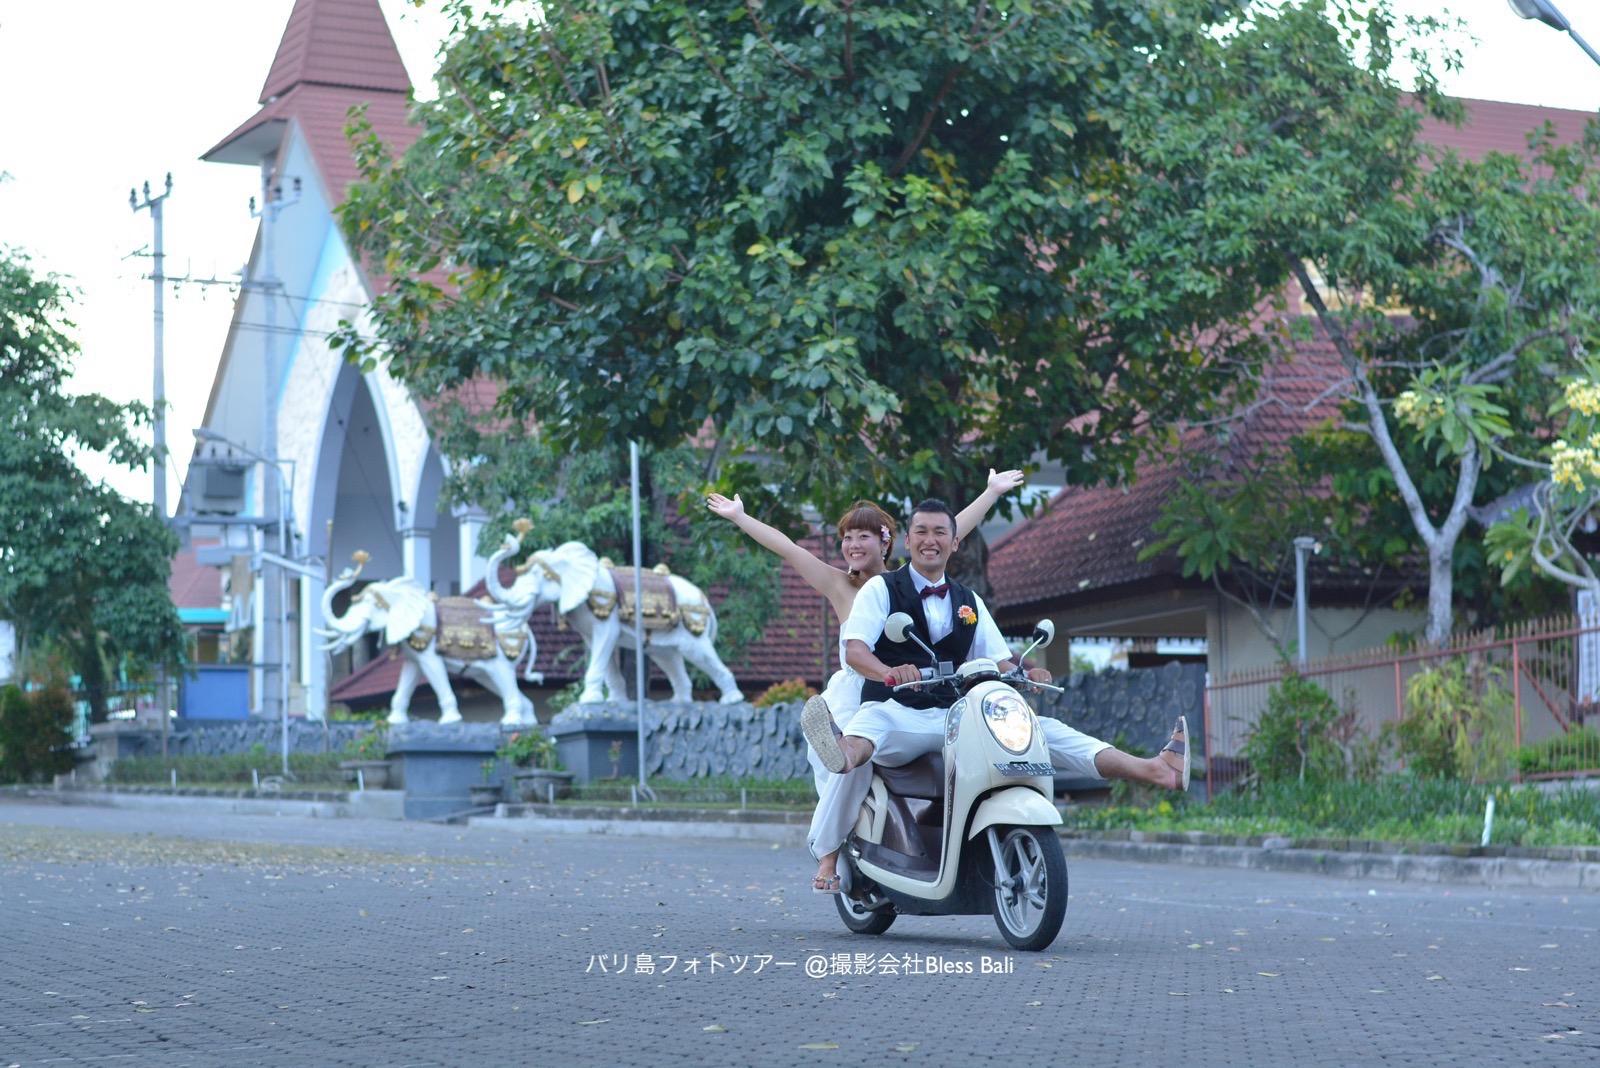 カメラマンのバイクに乗って遊ぶお二人。新郎様の足に注目です 笑